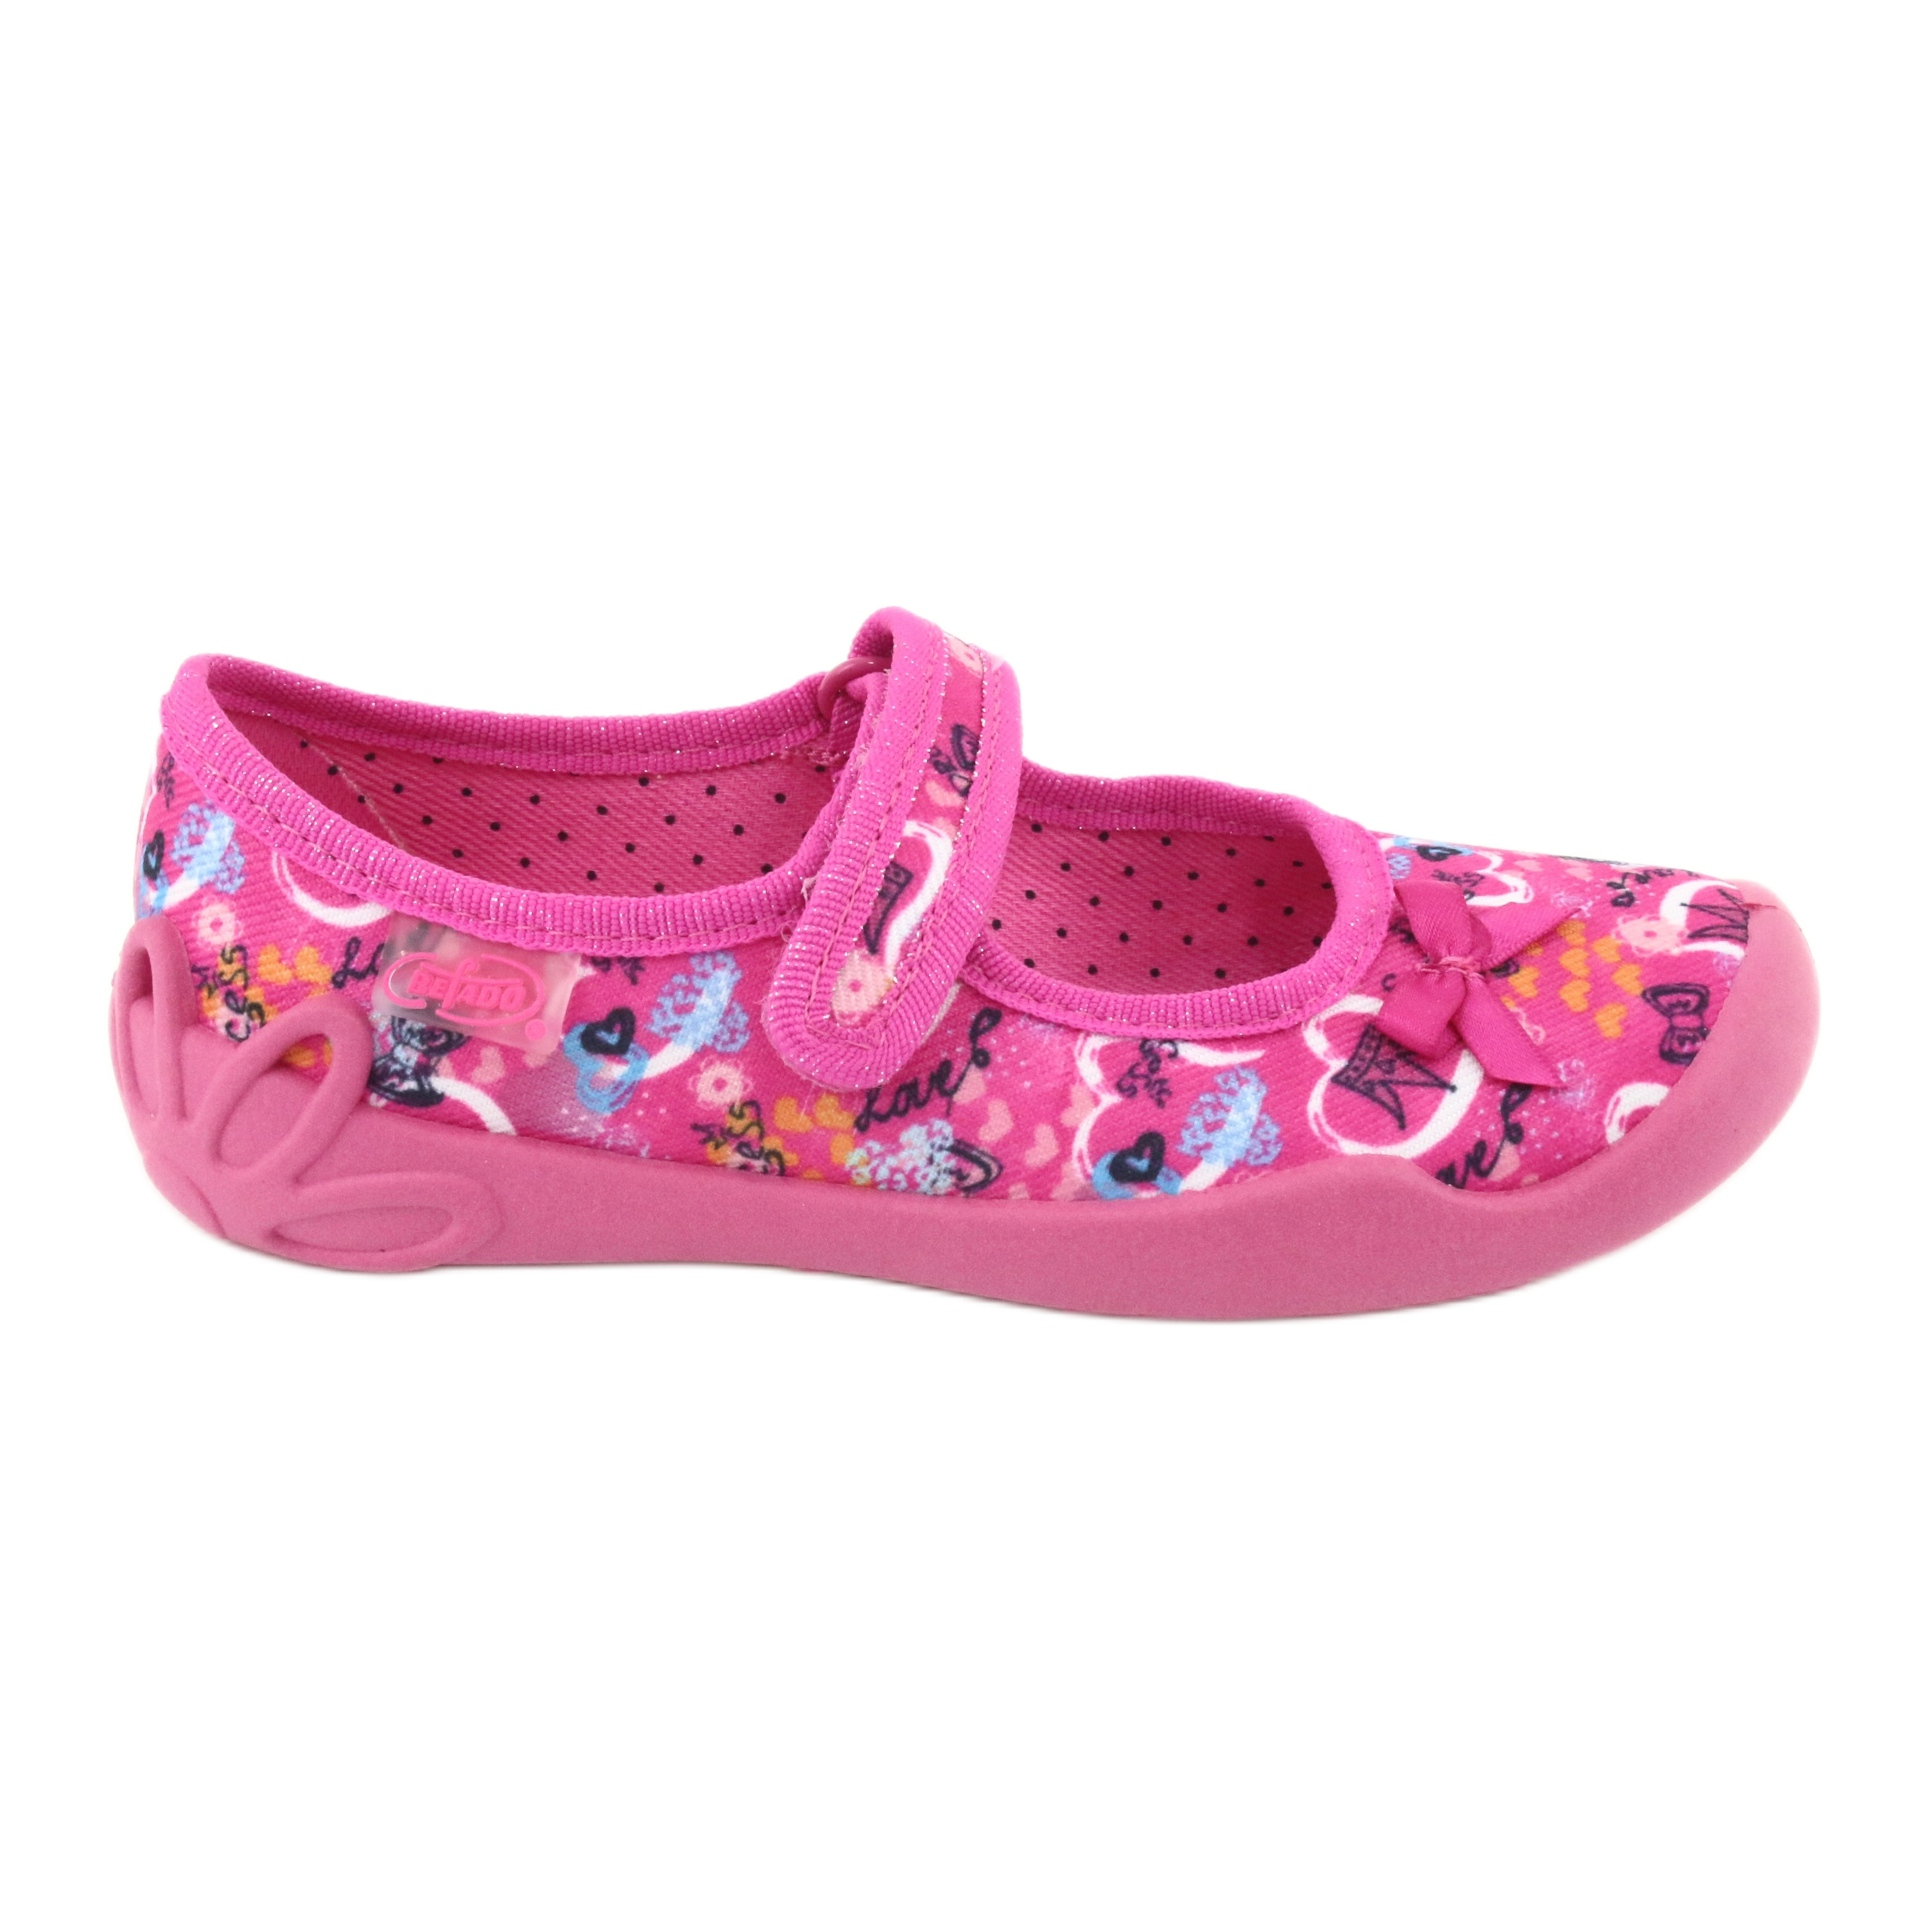 Scarpe per bambini Befado 114X358 rosa multicolore